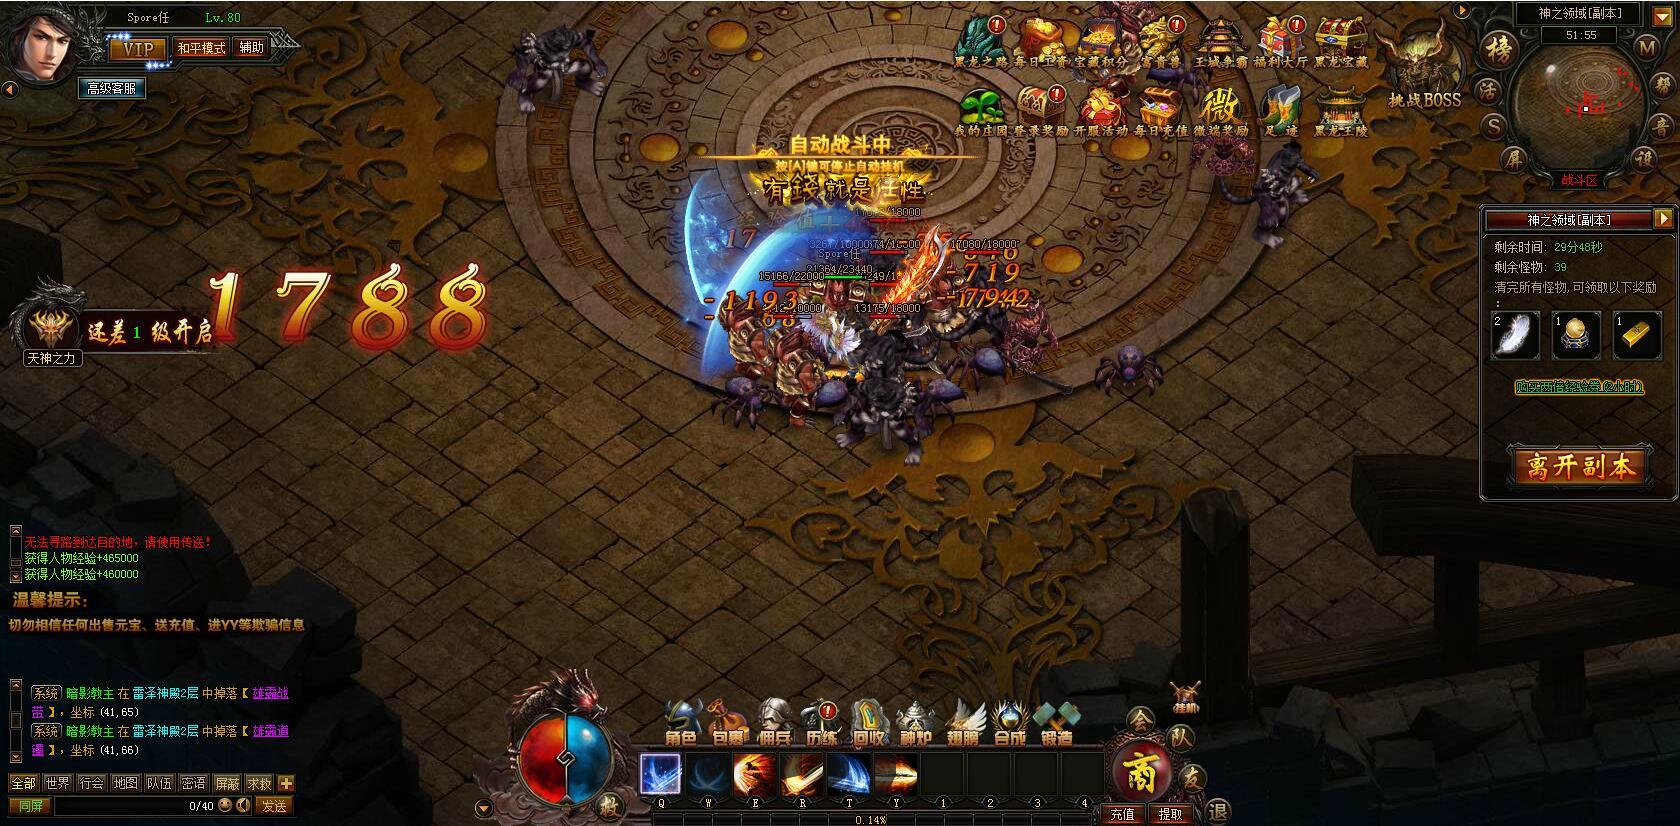 传奇王者游戏截图3